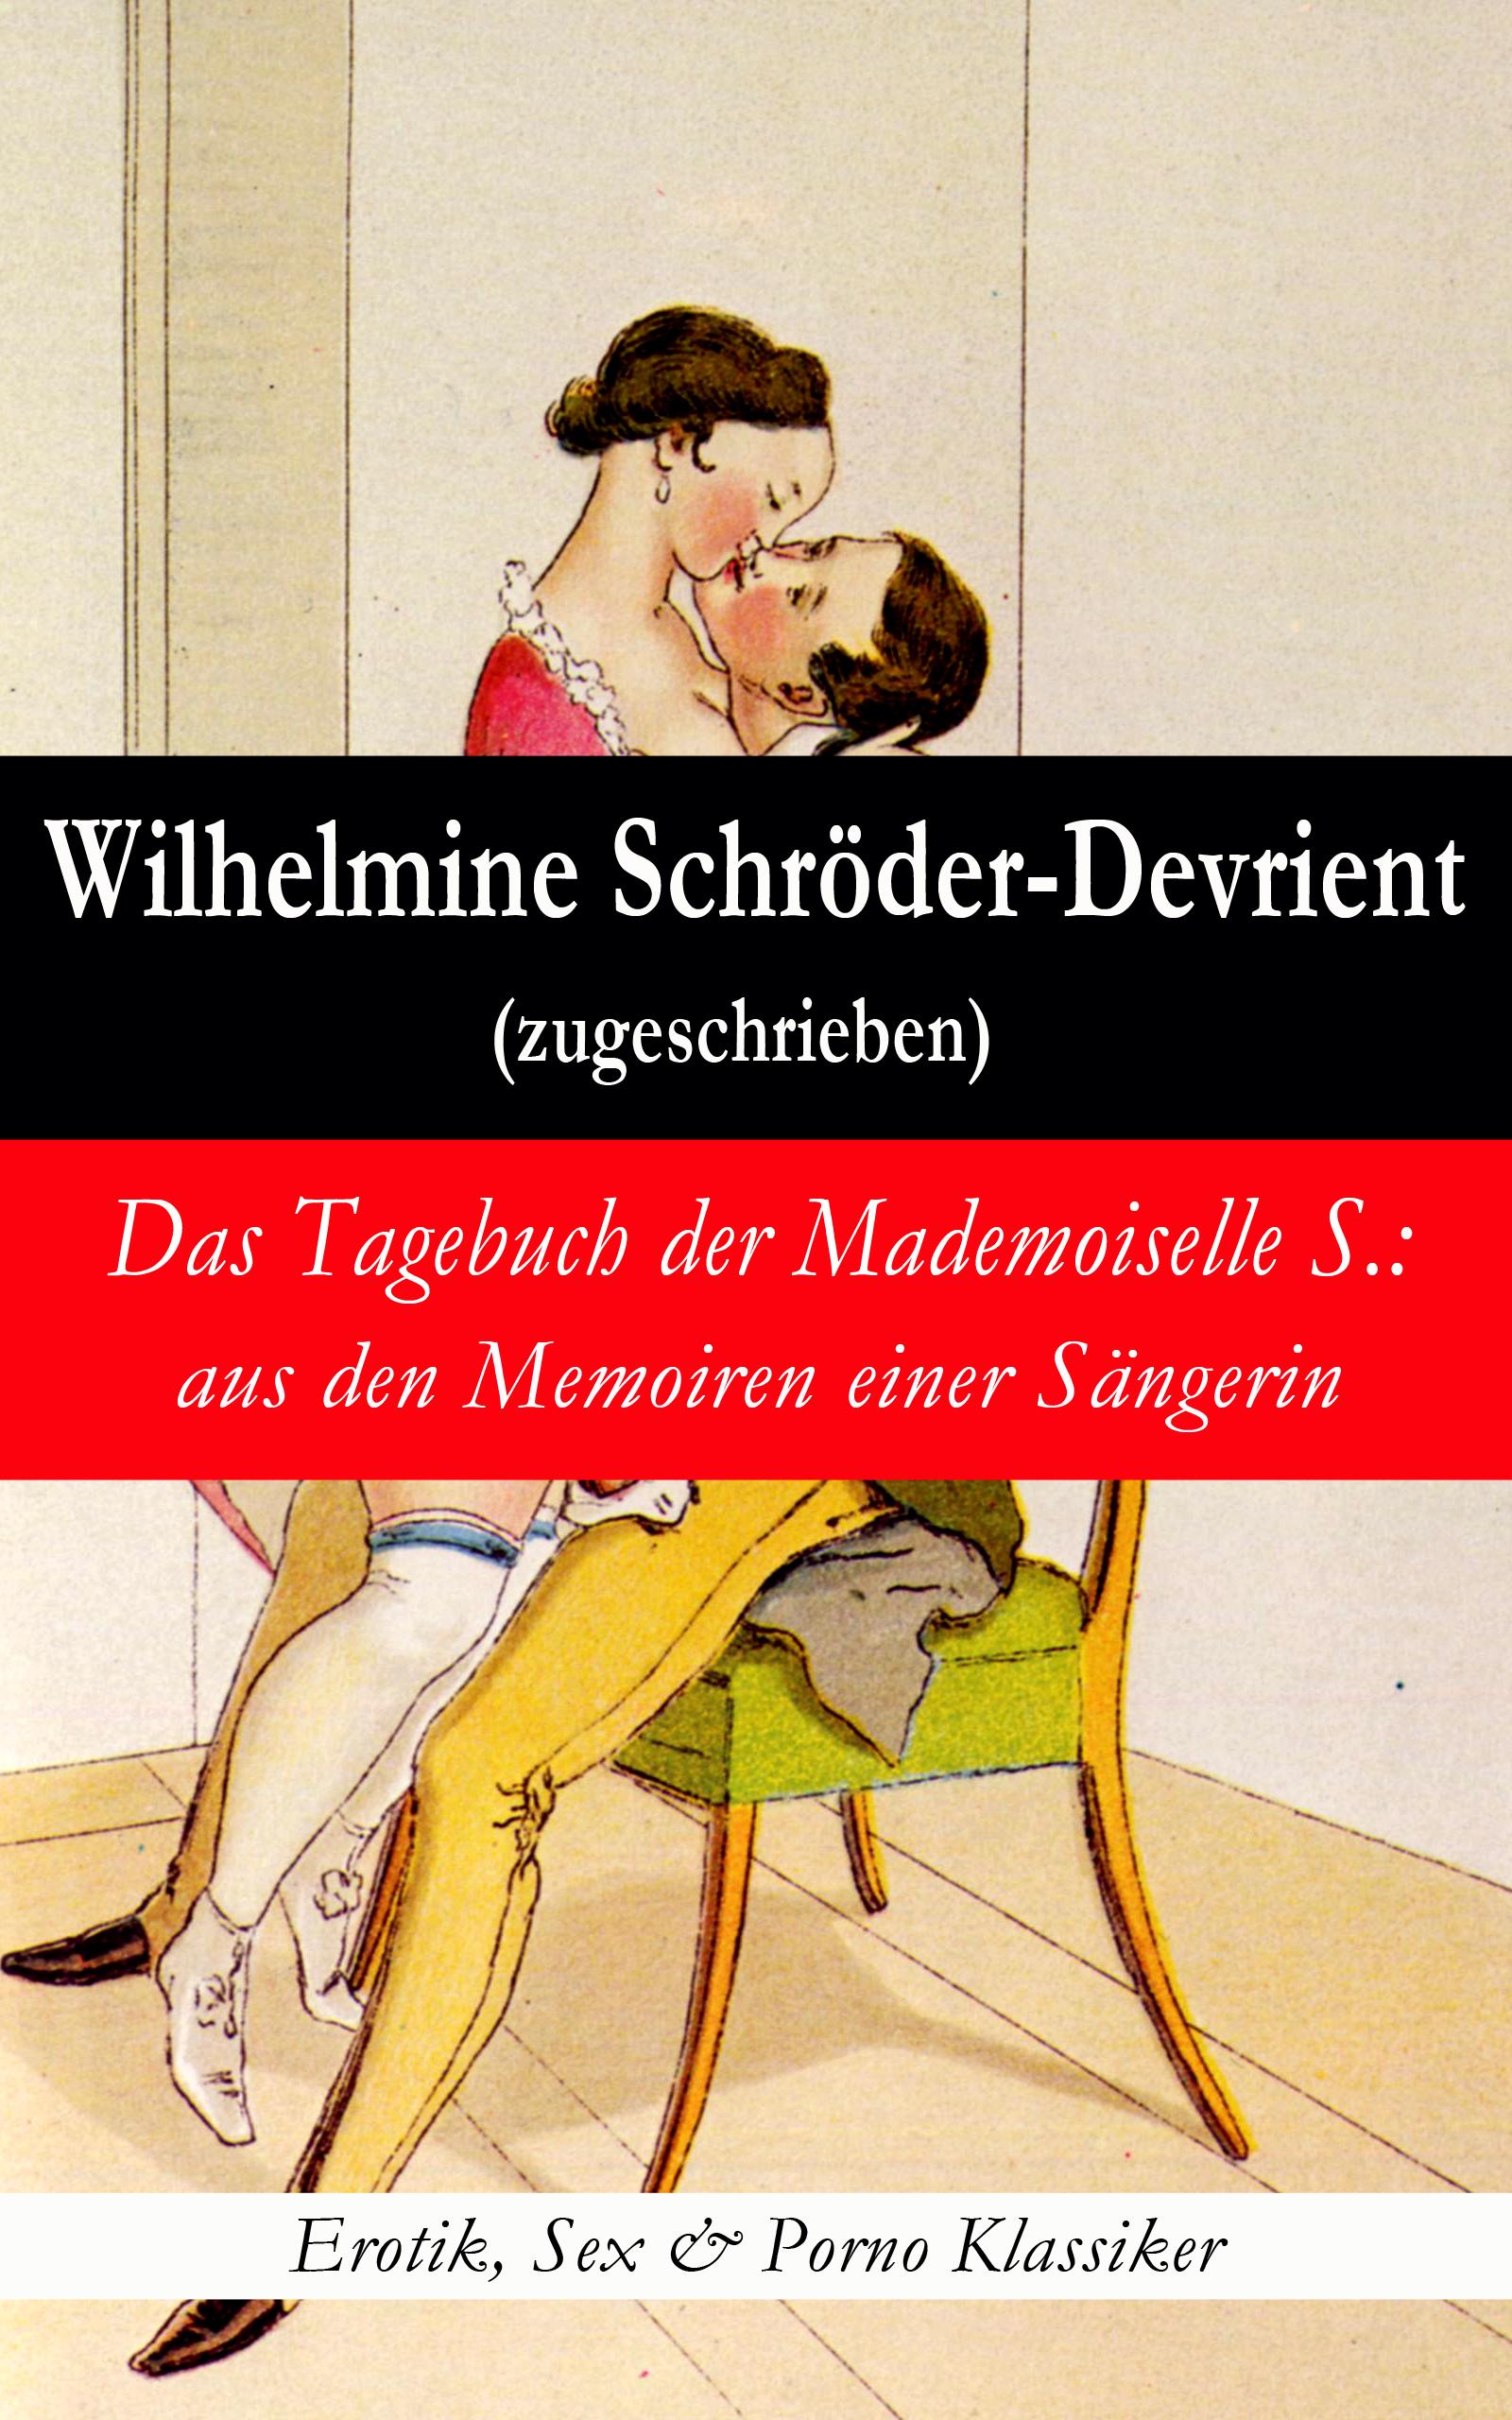 Wilhelmine Schroder-Devrient Das Tagebuch der Mademoiselle S.: aus den Memoiren einer Sängerin (Erotik, Sex & Porno Klassiker)